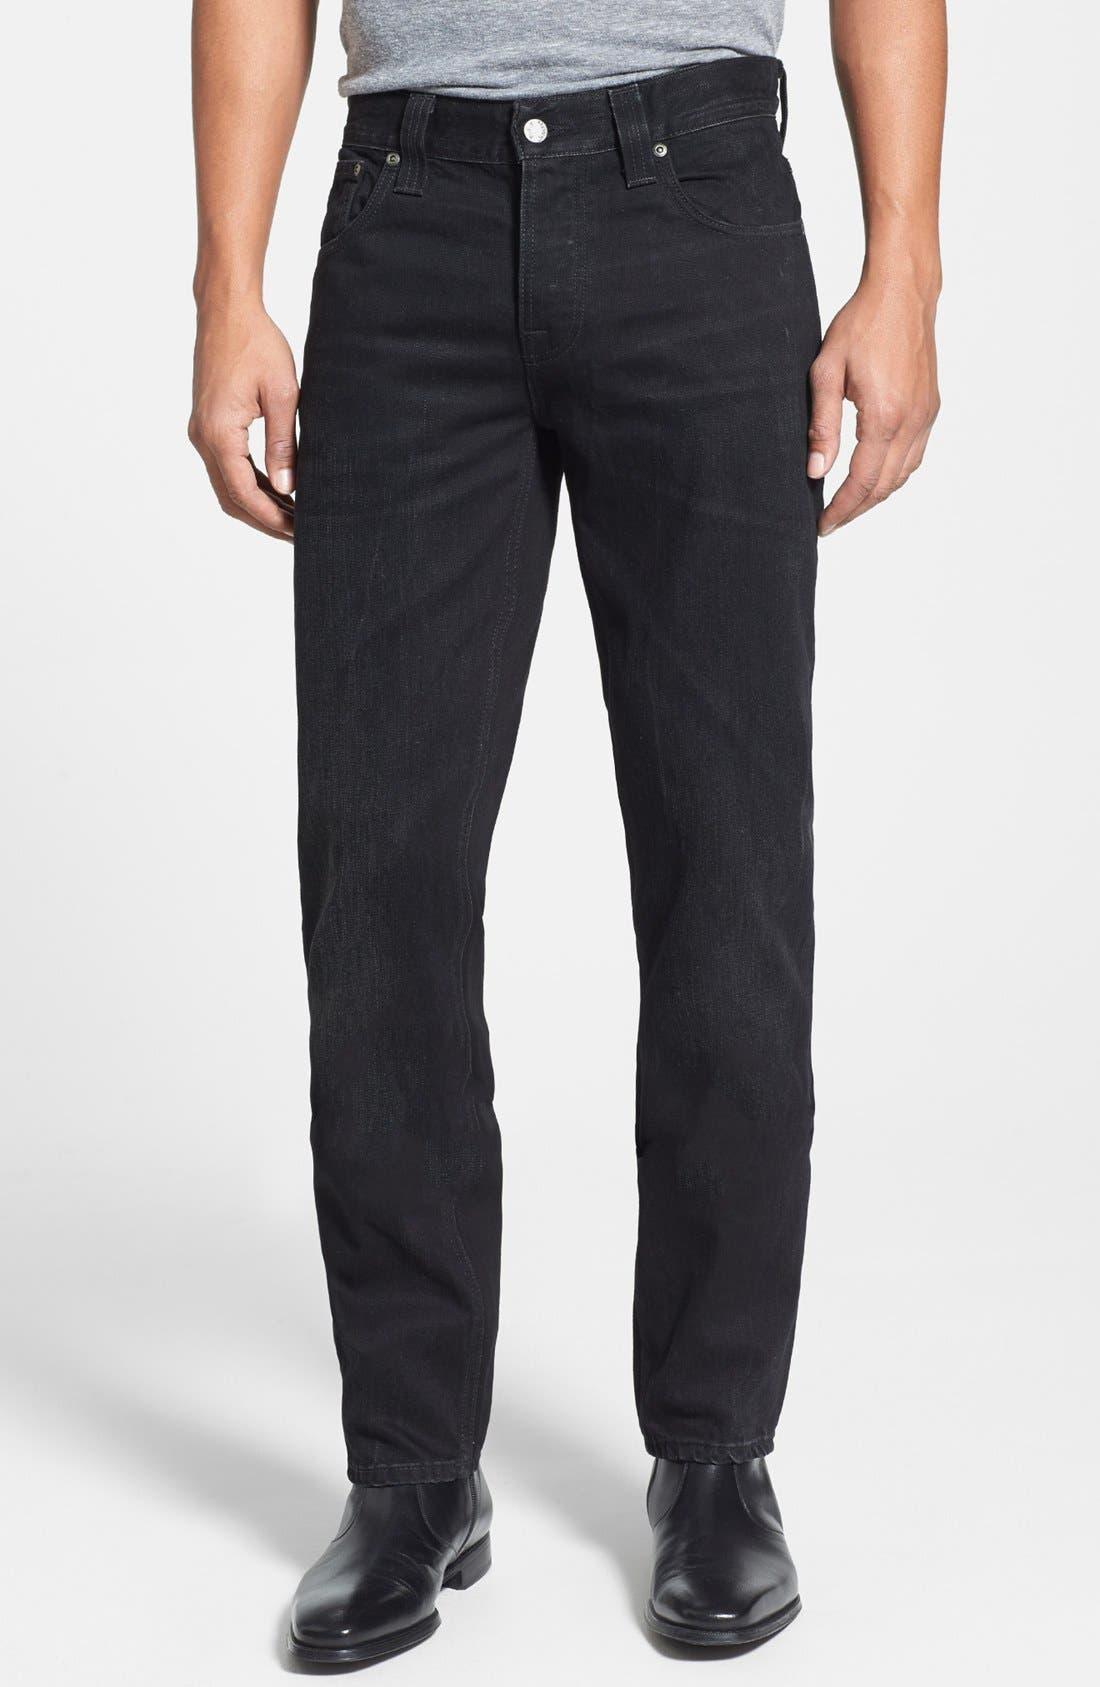 Main Image - Nudie Jeans 'Grim Tim' Skinny Fit Jeans (Organic Black Grease)